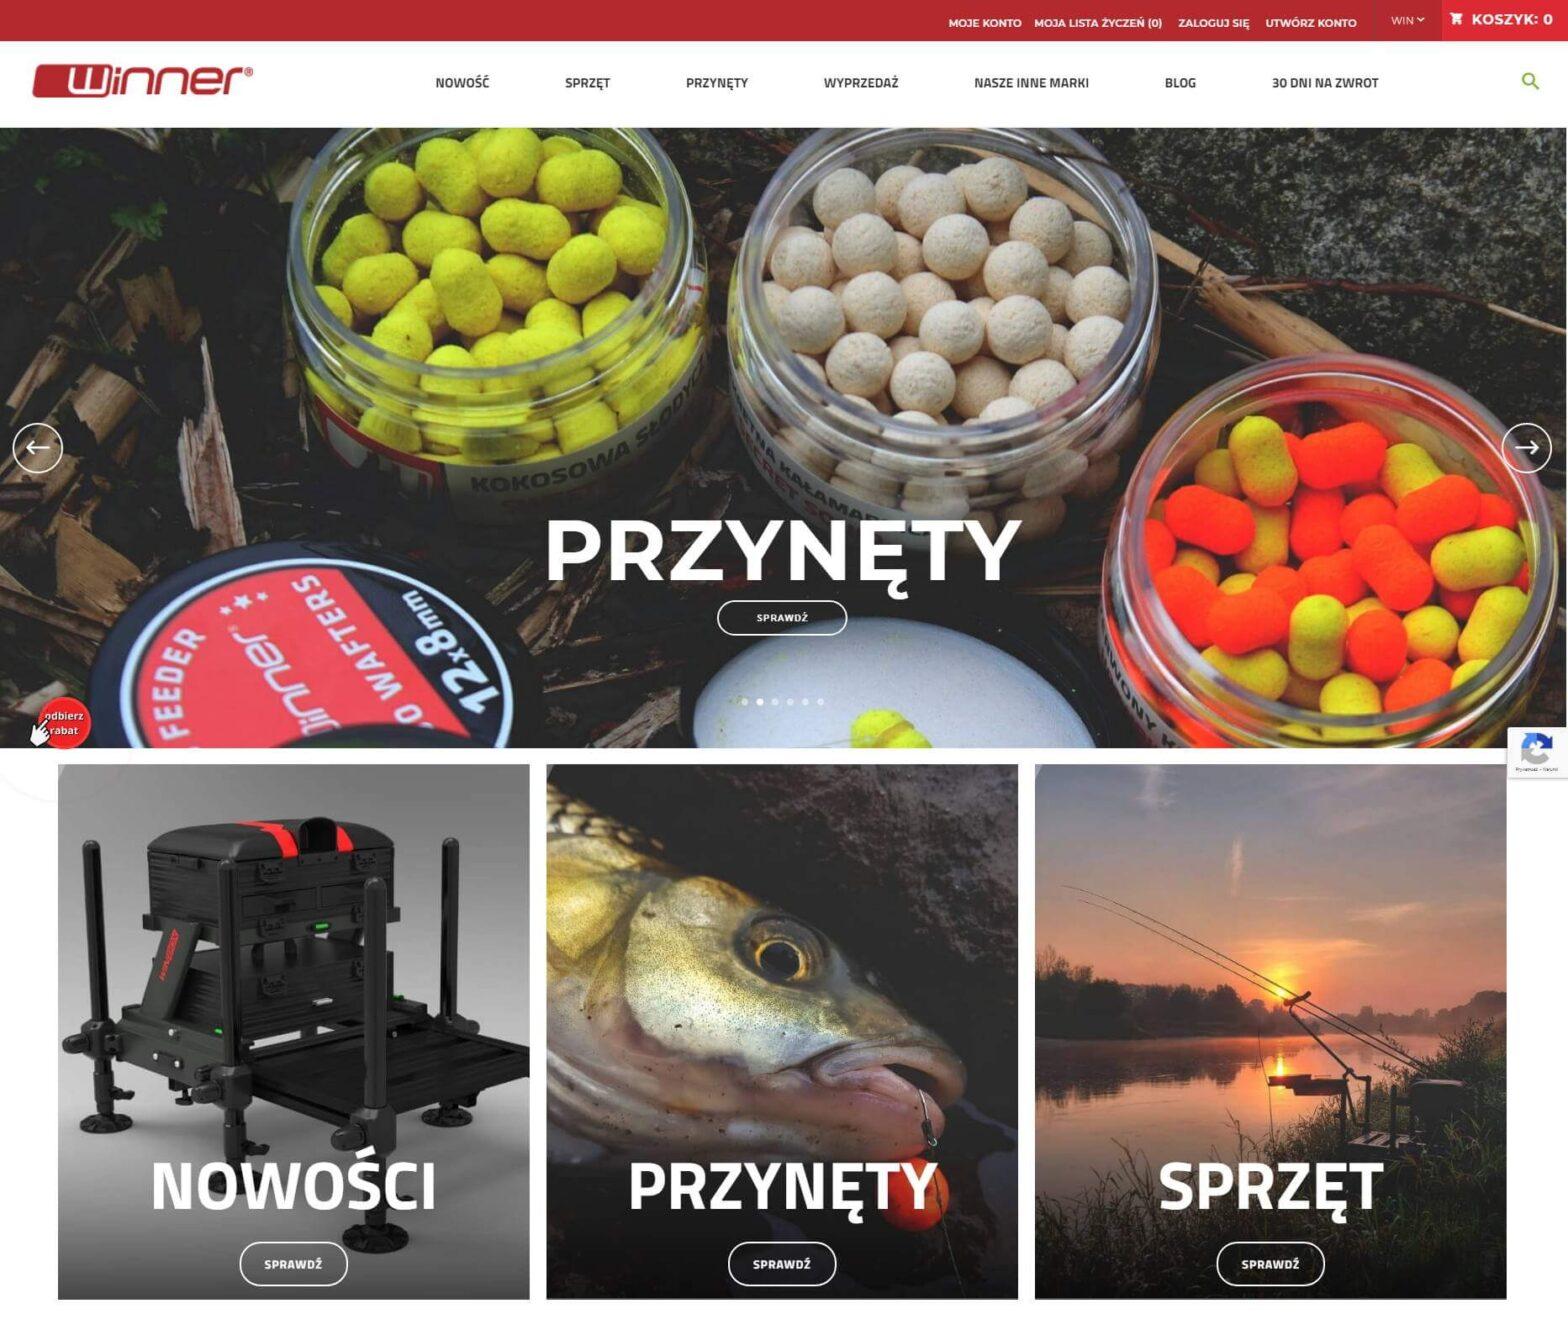 winnerfishing.com - Sklep z artykułami wędkarskimi